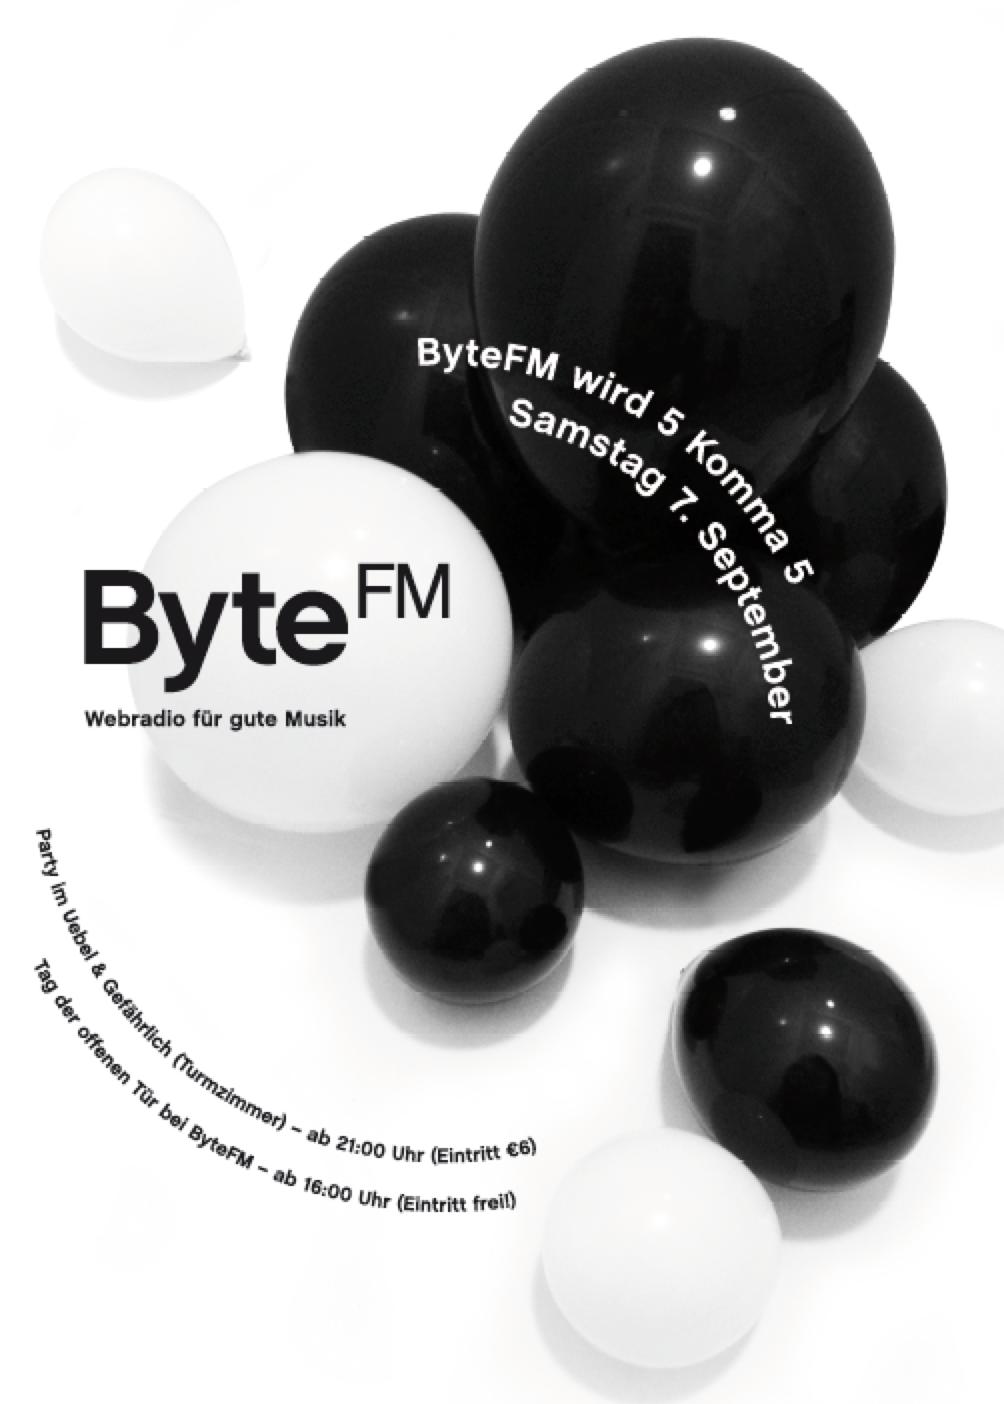 5 komma 5 Jahre ByteFM.